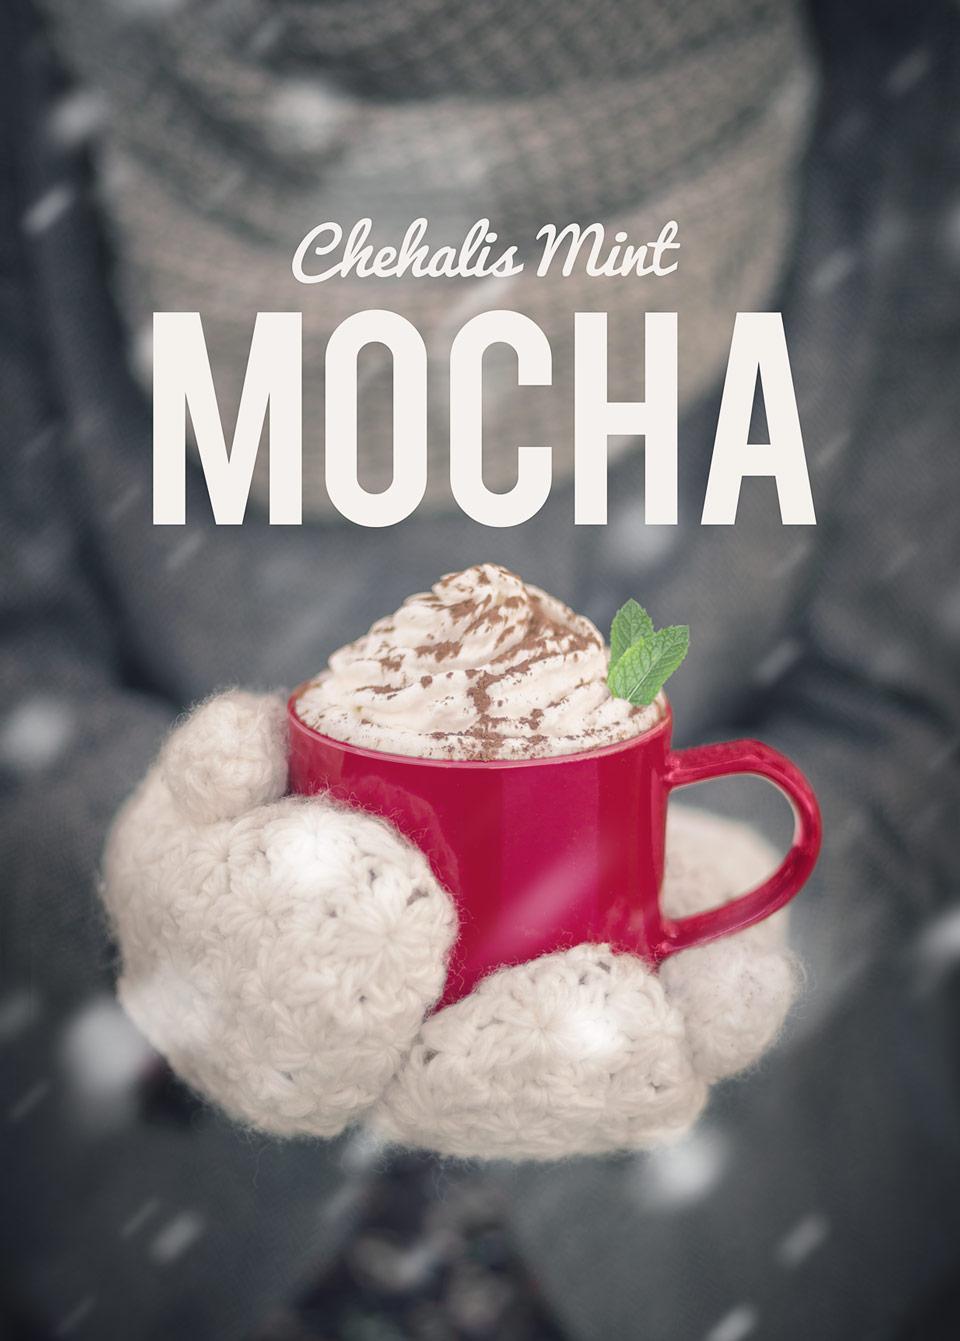 Fiddlers Coffee - Chehalis Mint Mocha 03 tall